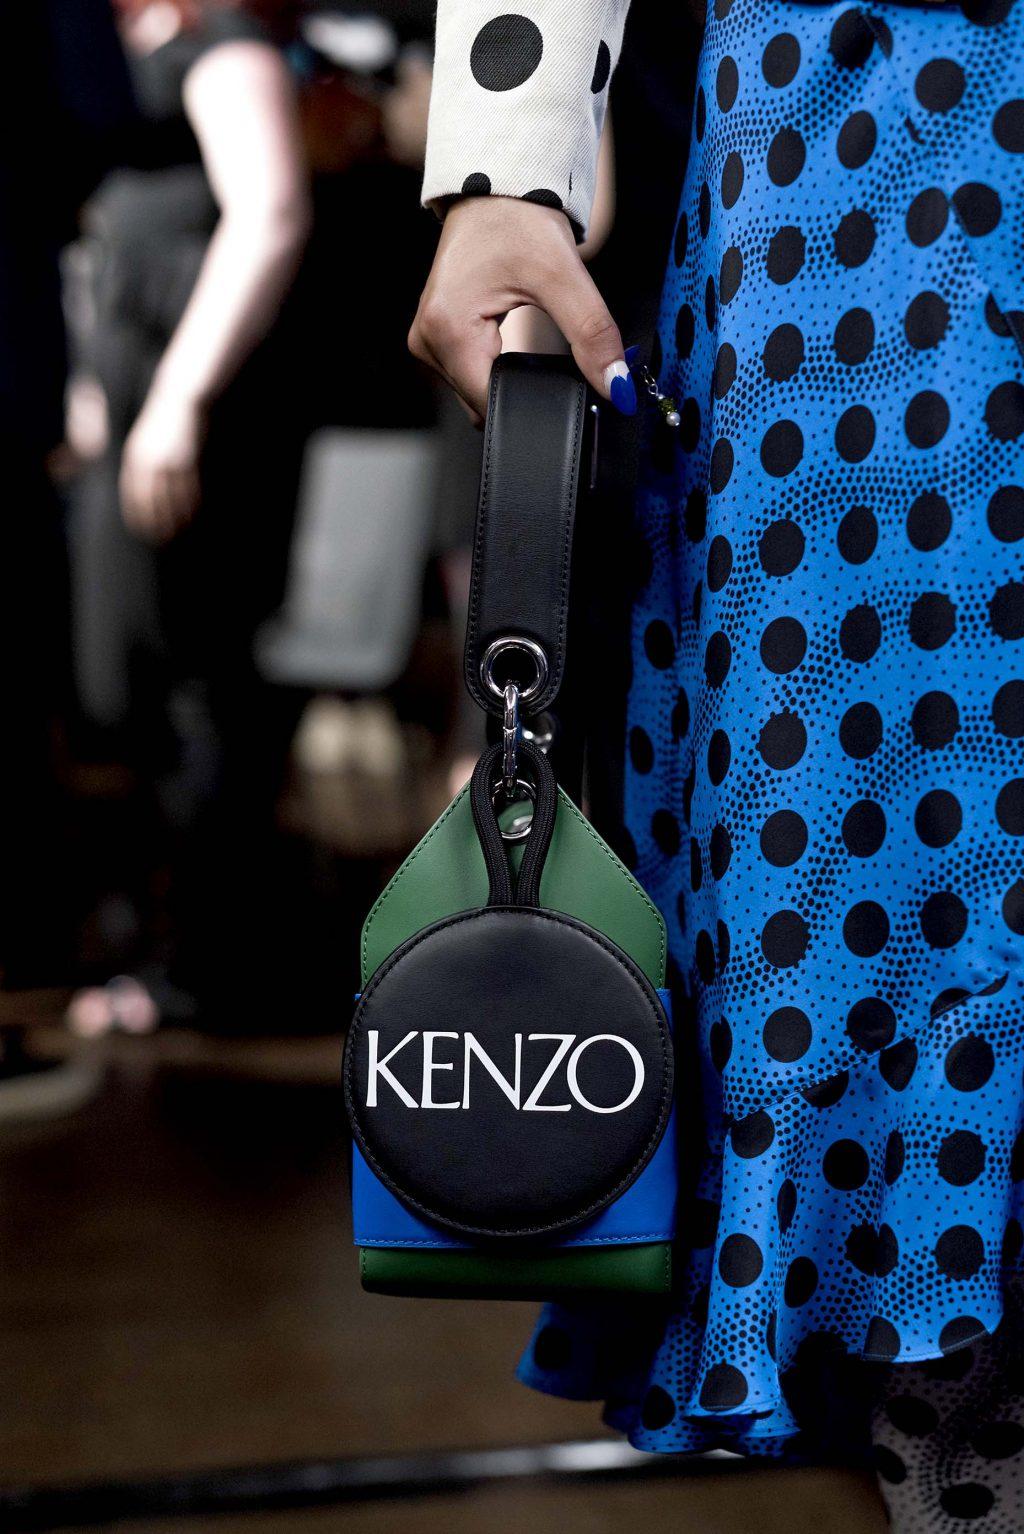 phụ kiện tuần lễ thời trang xuân - hè 2019 kenzo 2